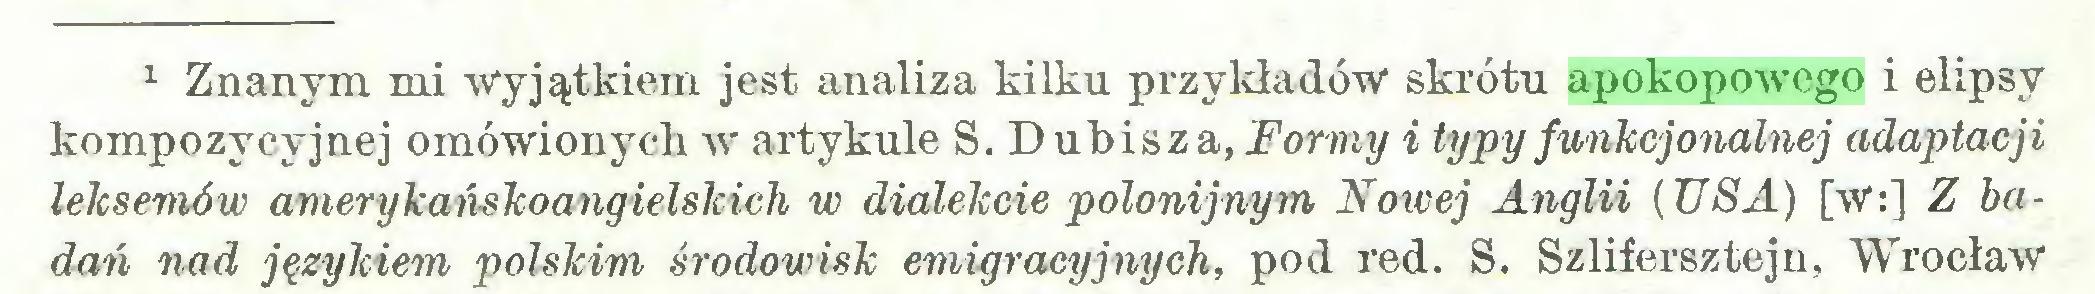 (...) 1 Znanym mi -wyjątkiem jest analiza kilku przykładów skrótu apokopowego i elipsy kompozycyjnej omówionych w artykule S. Dubisza, Formy i typy funkcjonalnej adaptacji leksemów amerykańskoangielskich w dialekcie polonijnym Nowej Anglii (USA) [W:] Z badań nad językiem polskim środowisk emigracyjnych, pod red. S. Szlifersztejn, Wrocław...